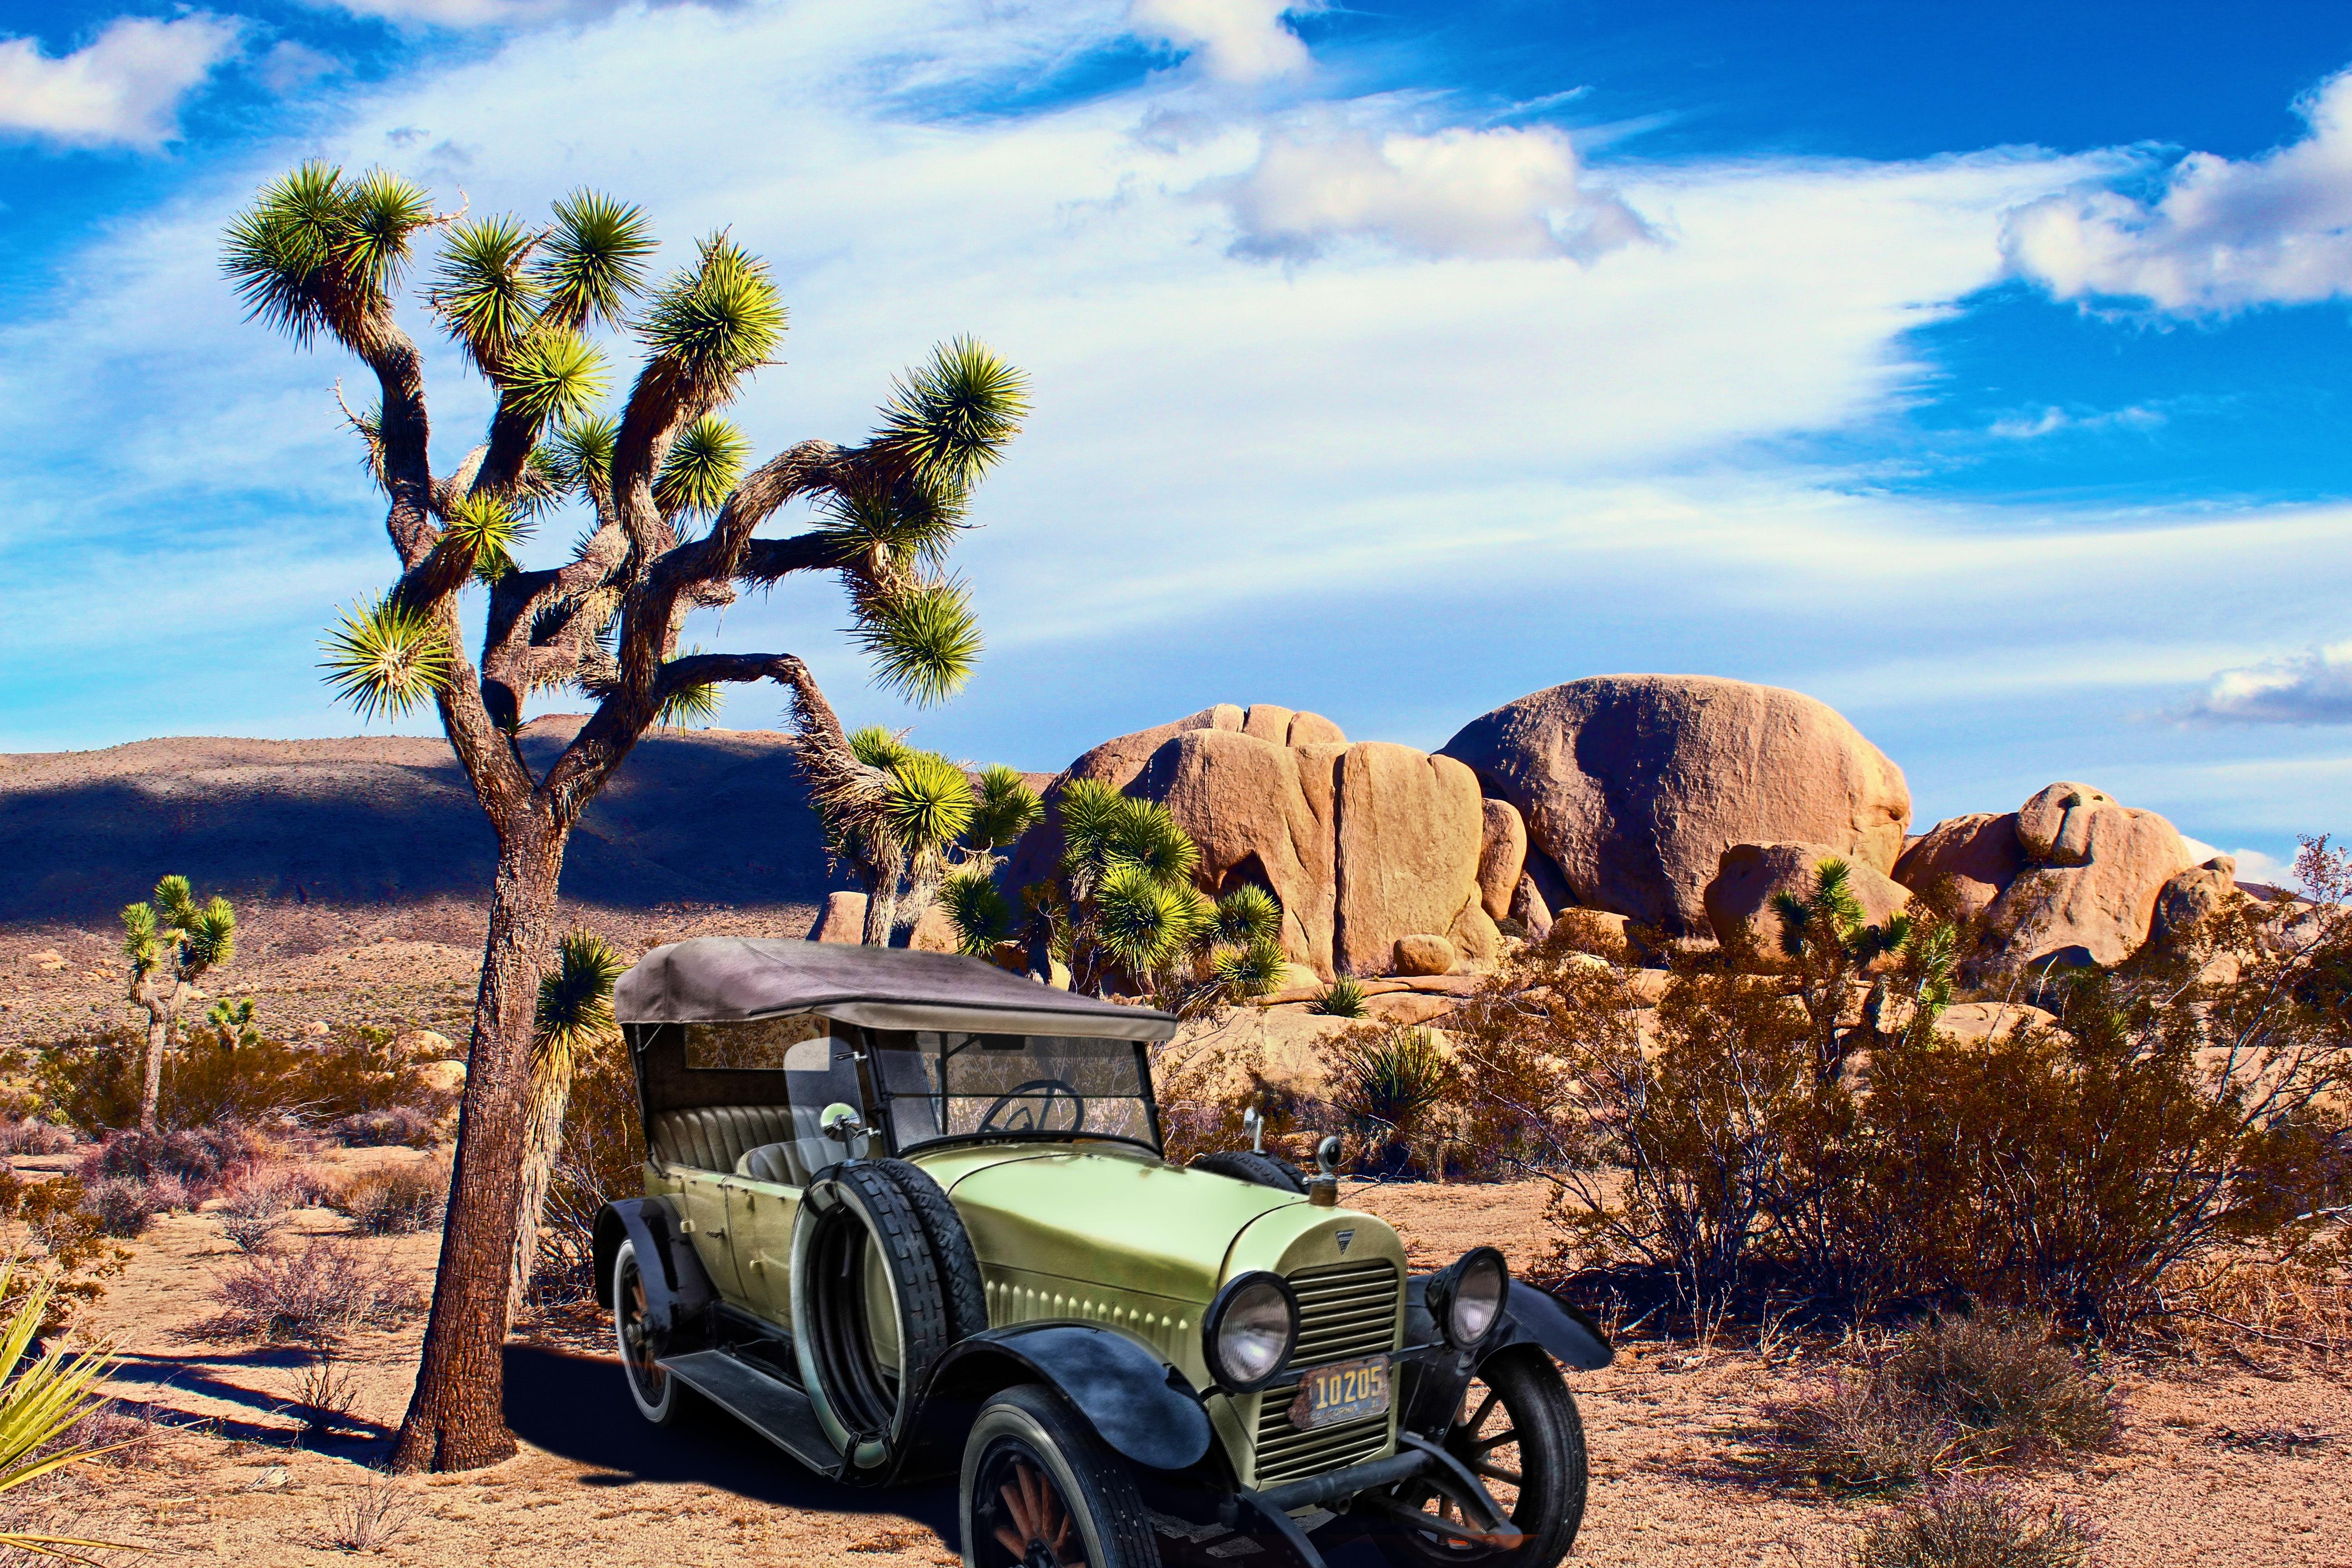 Free Images : landscape, sky, vintage, automobile, retro, desert ...